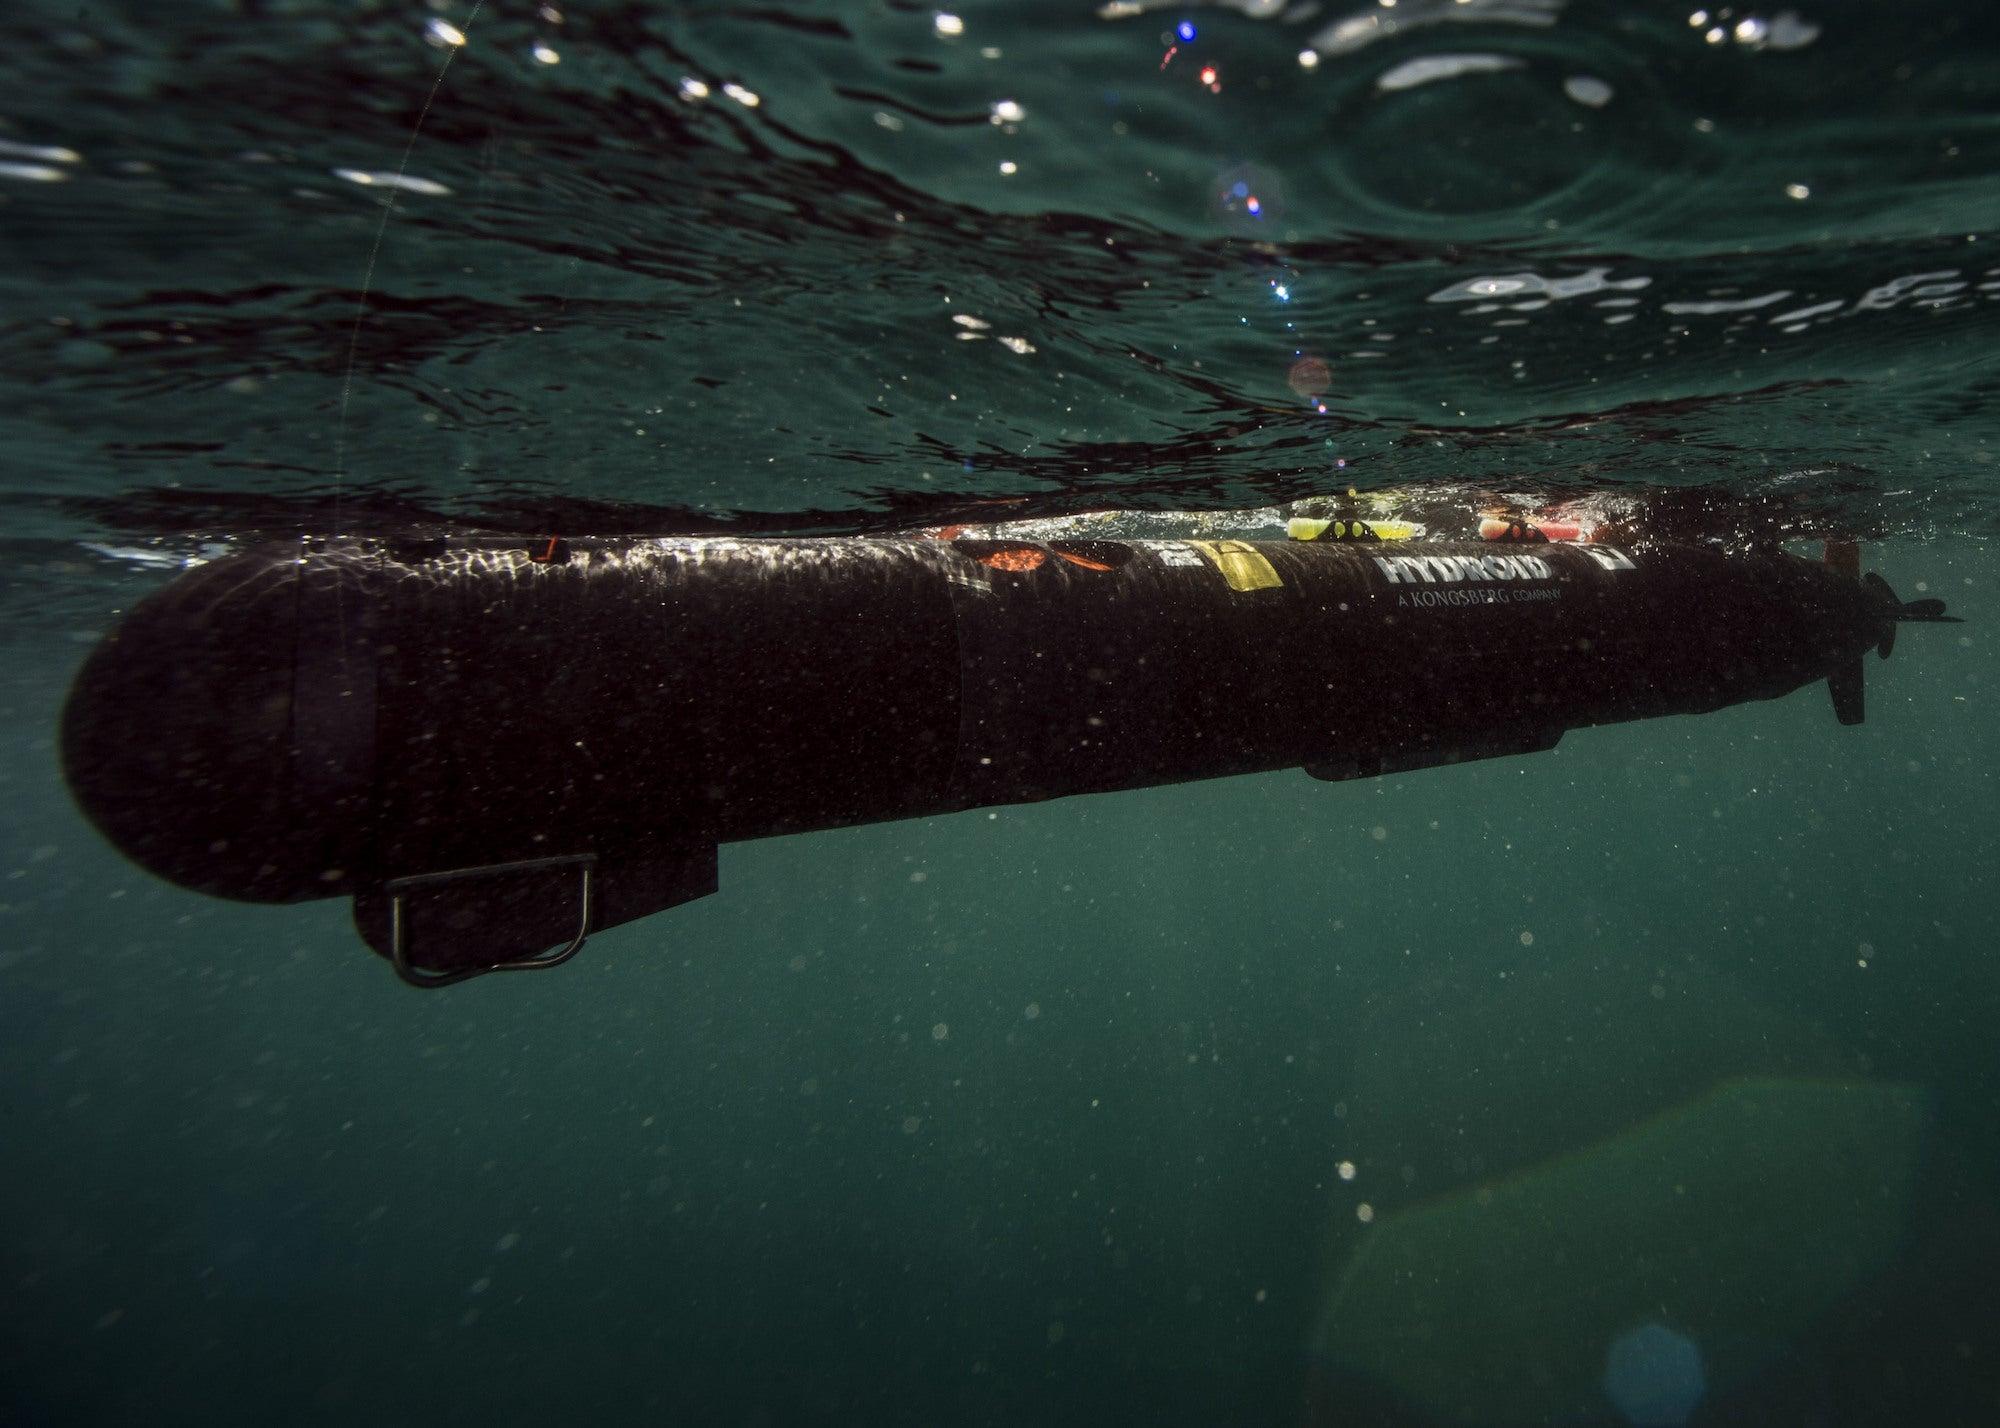 A robotic underwater vehicle in the ocean.